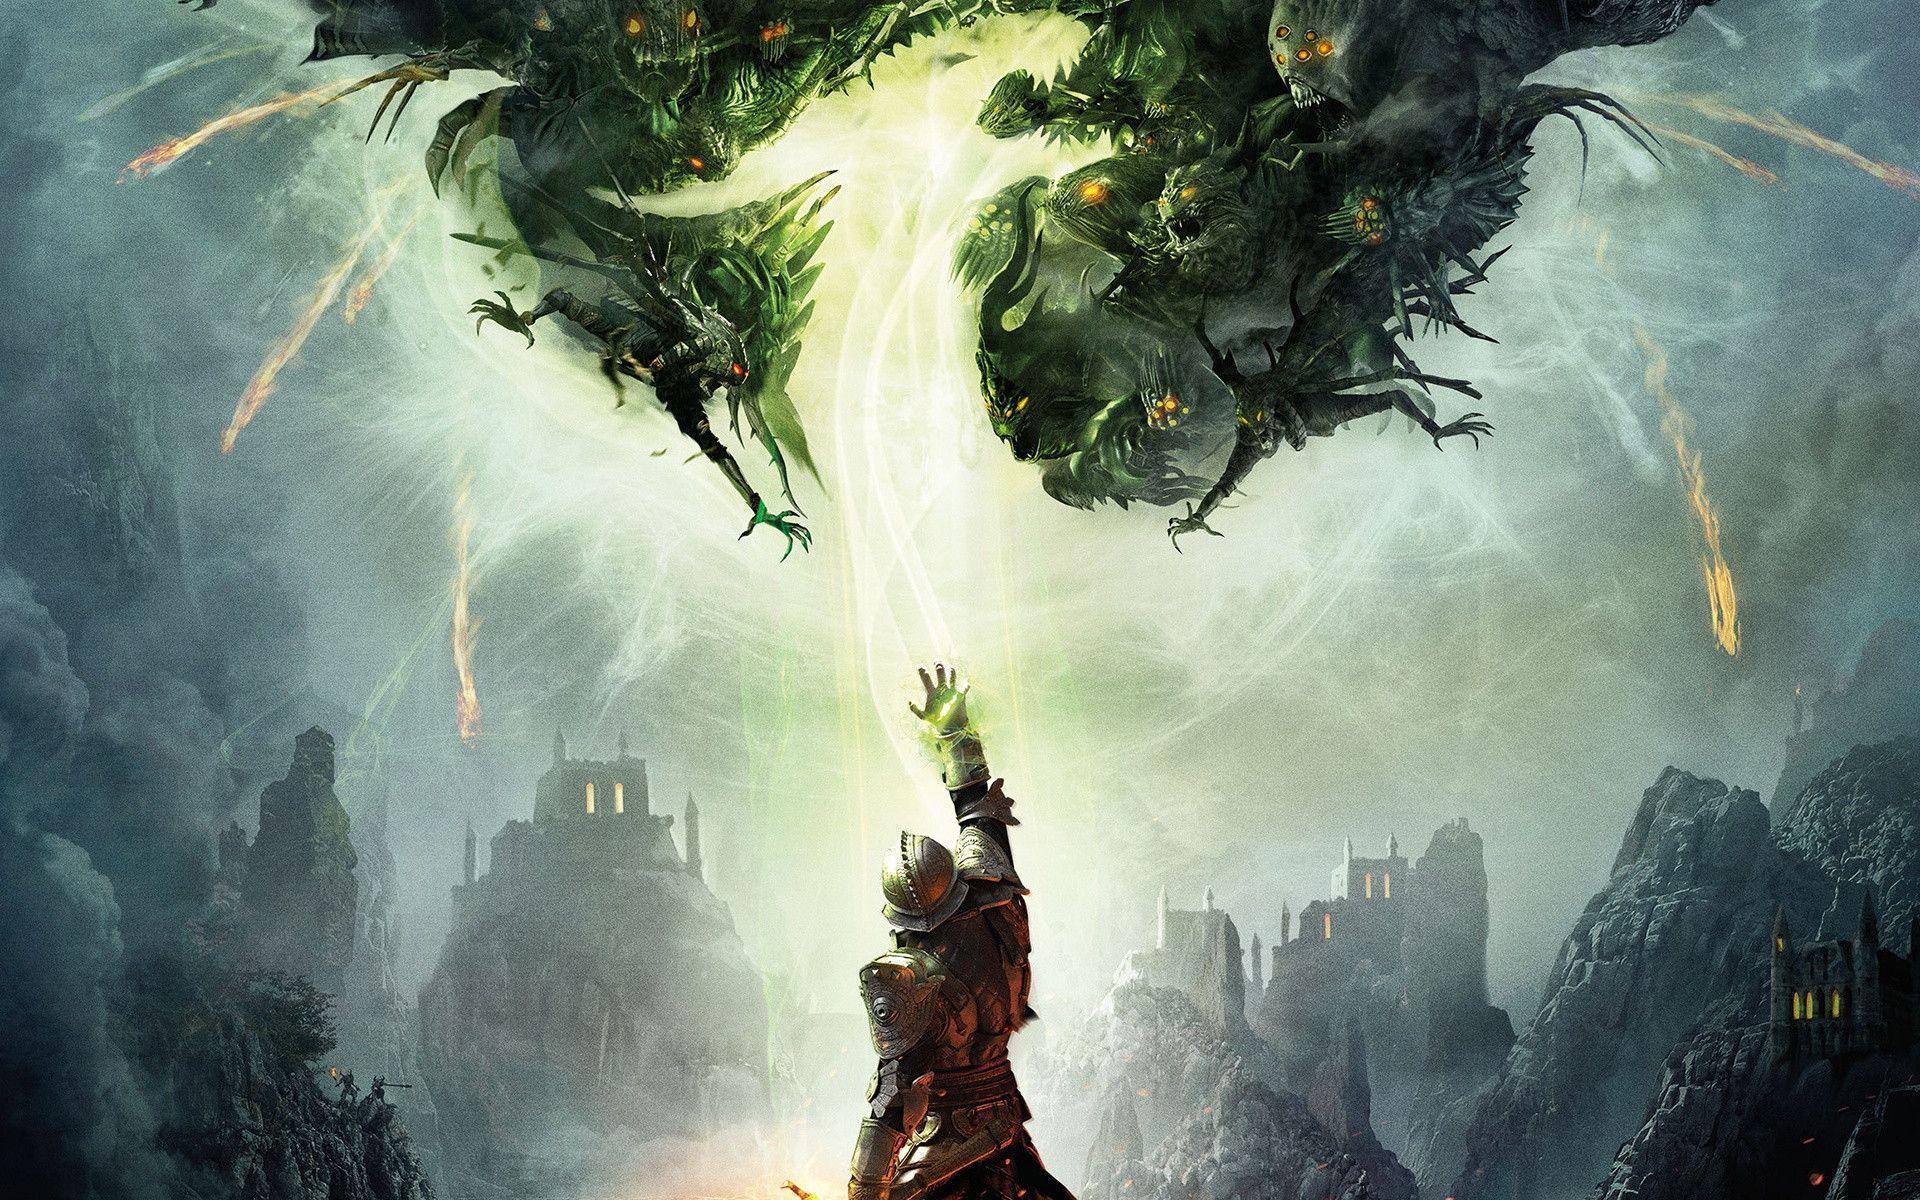 dragon age wallpaper - photo #22